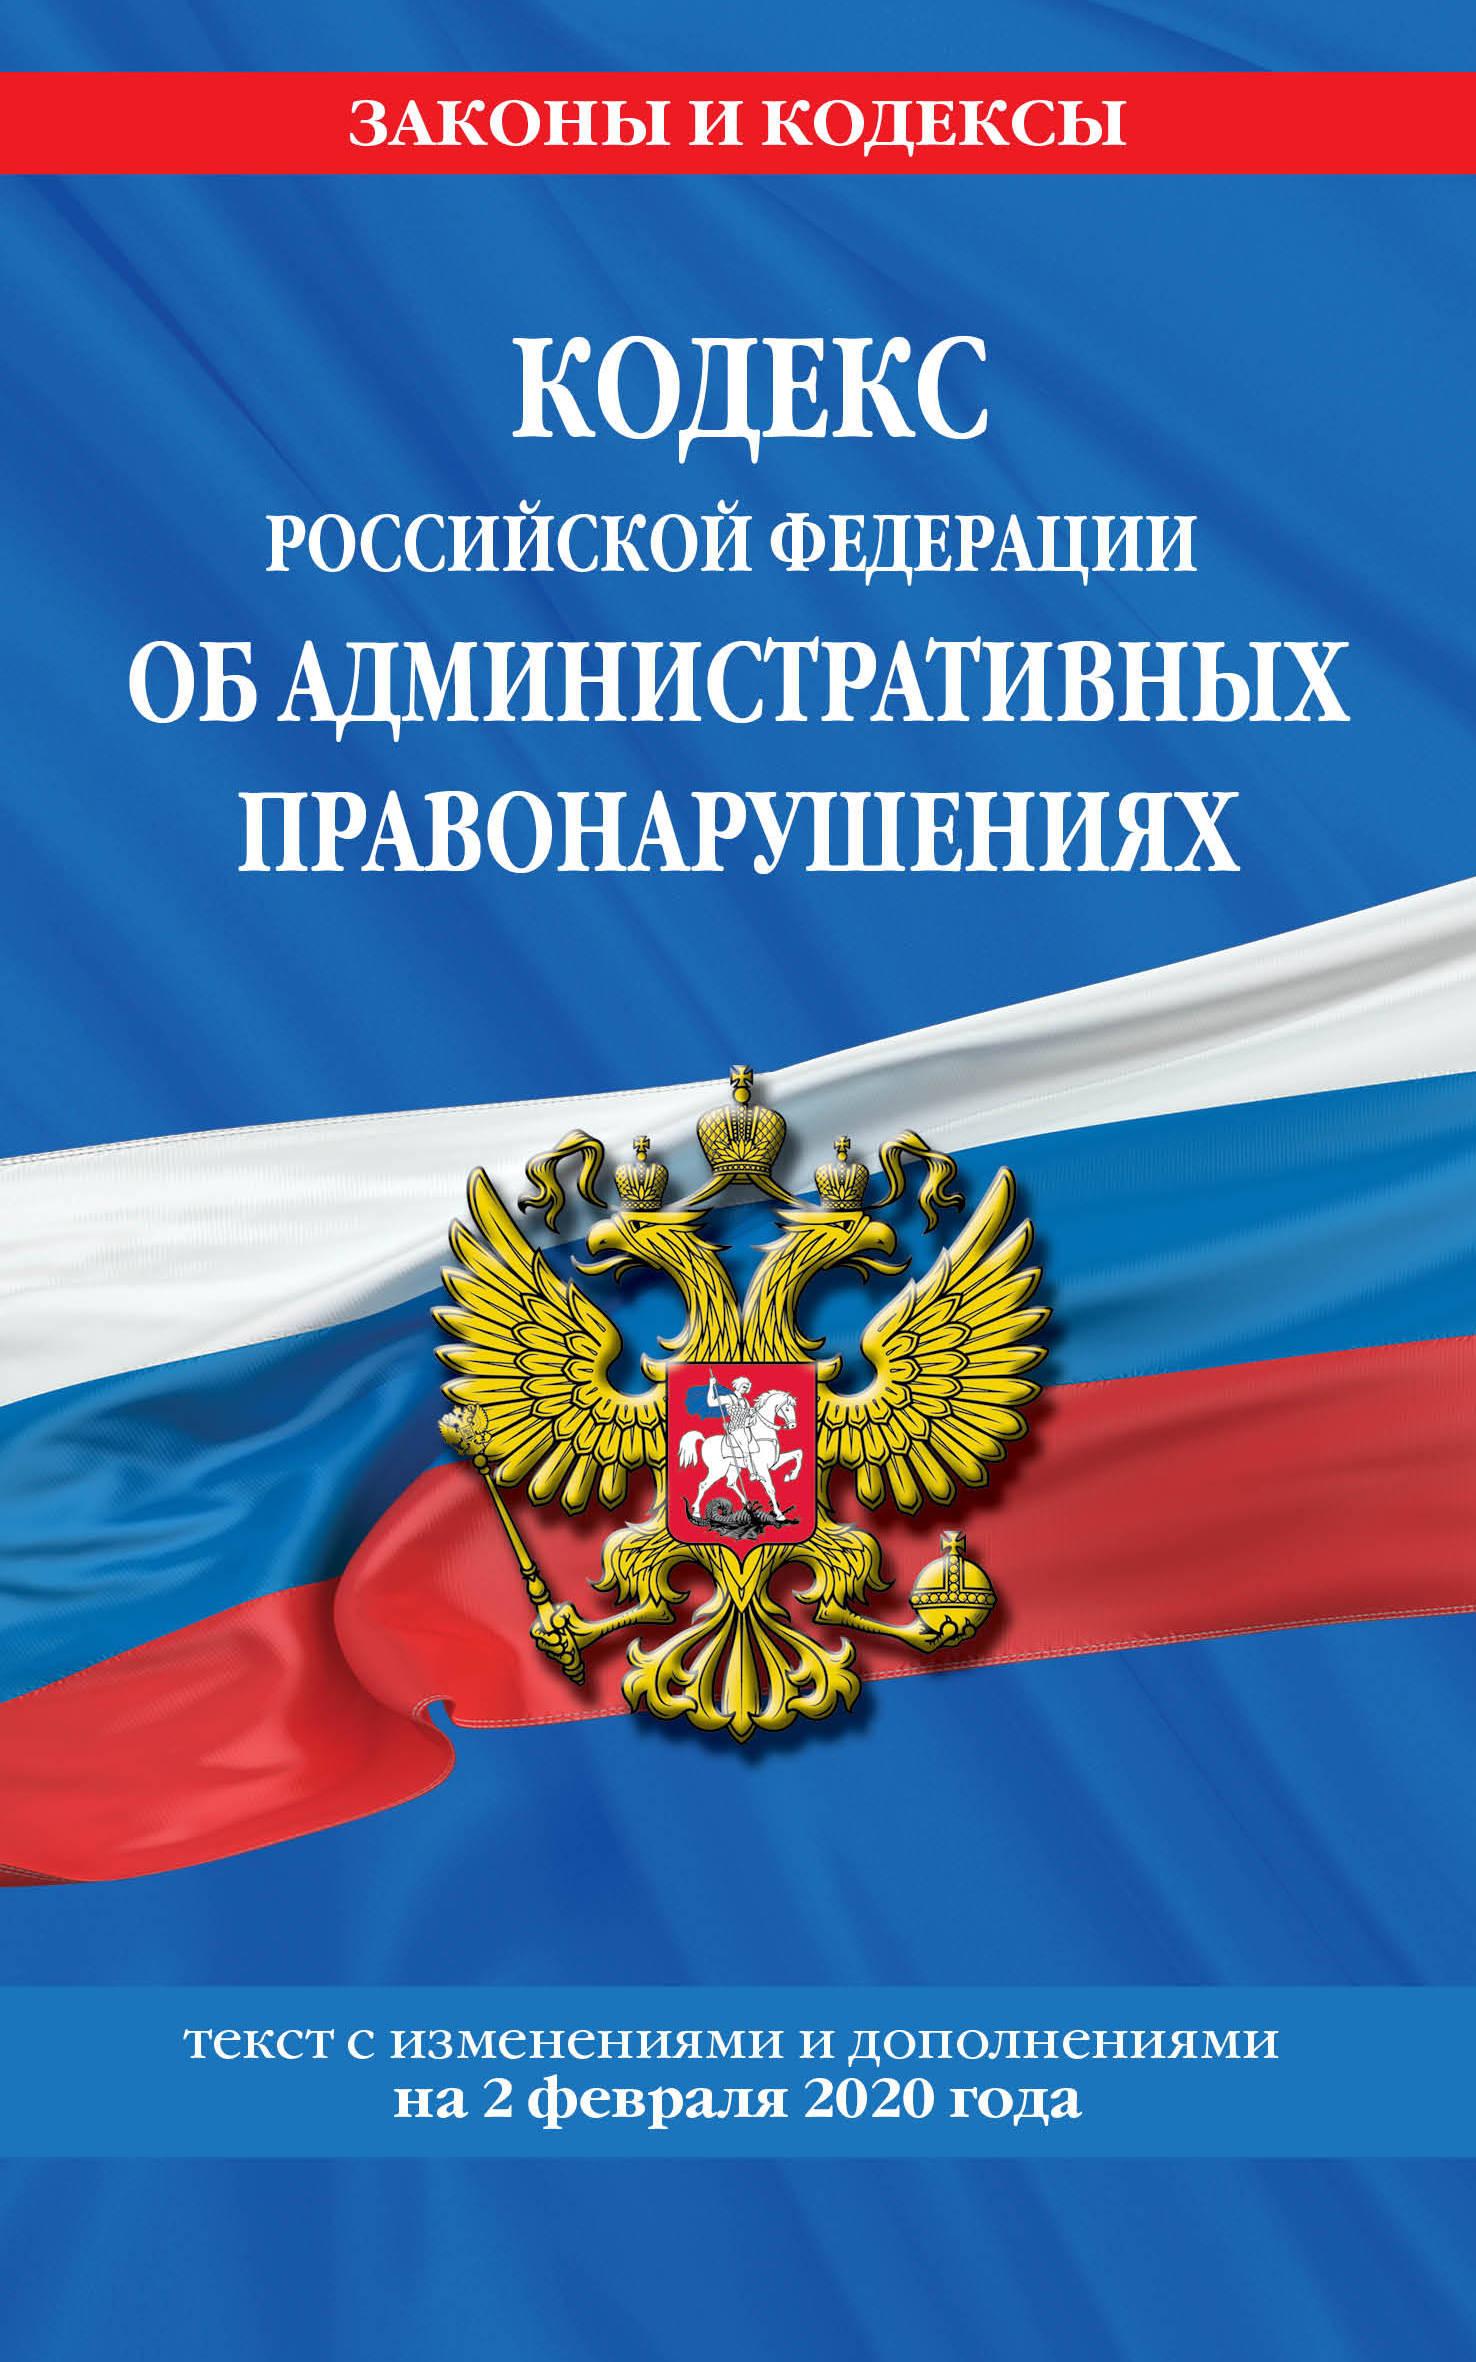 Кодекс Российской Федерации об административных правонарушениях: текст с посл. изм. и доп. на 2 февраля 2020 г.